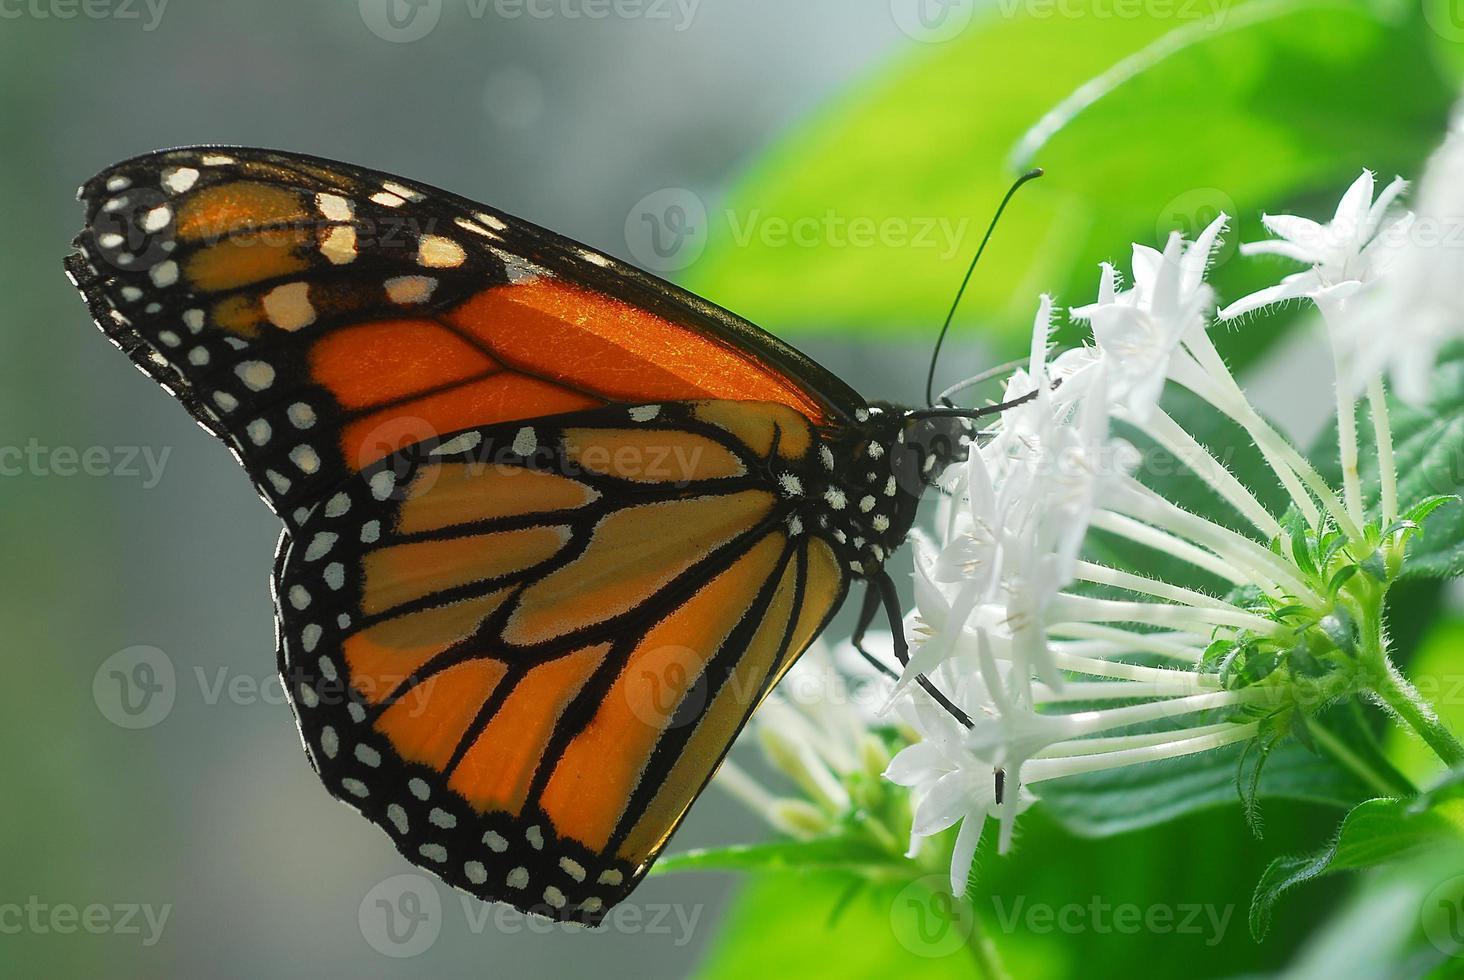 negro naranja monarca tigre mariposa insecto foto